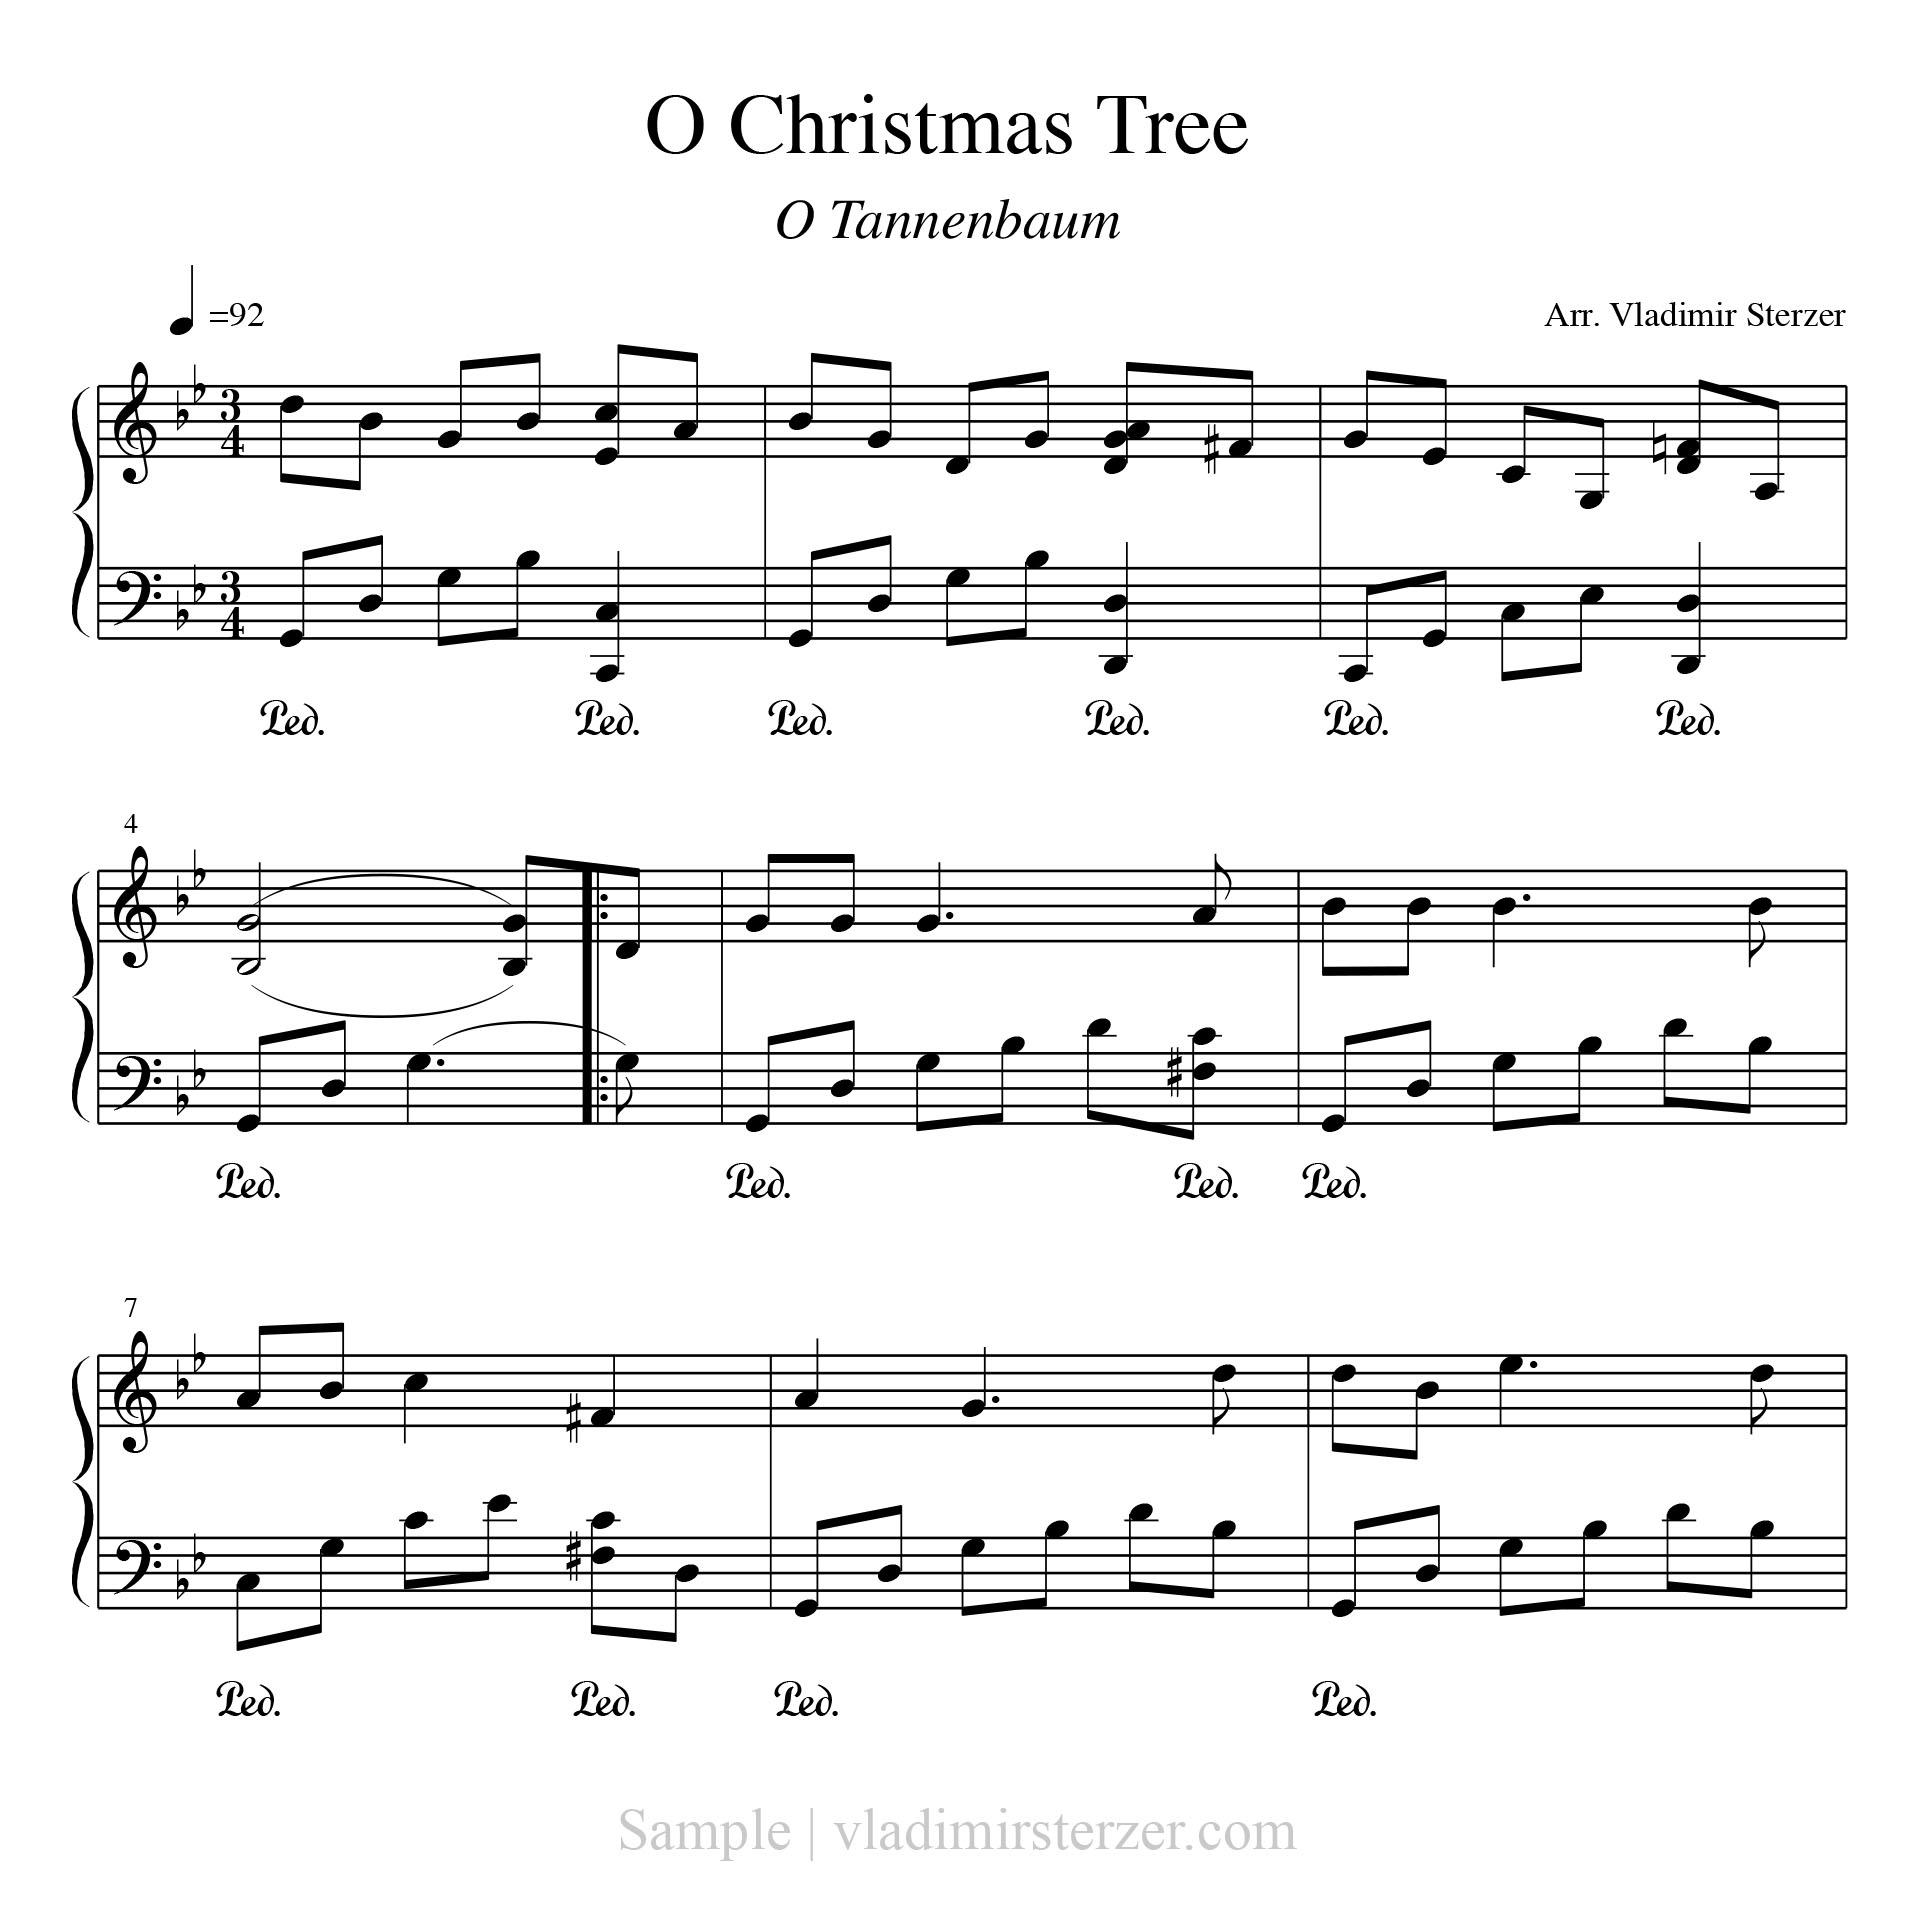 Noten Von O Tannenbaum.Christmas In Minor Weihnachten In Moll Notenbuch Pdf